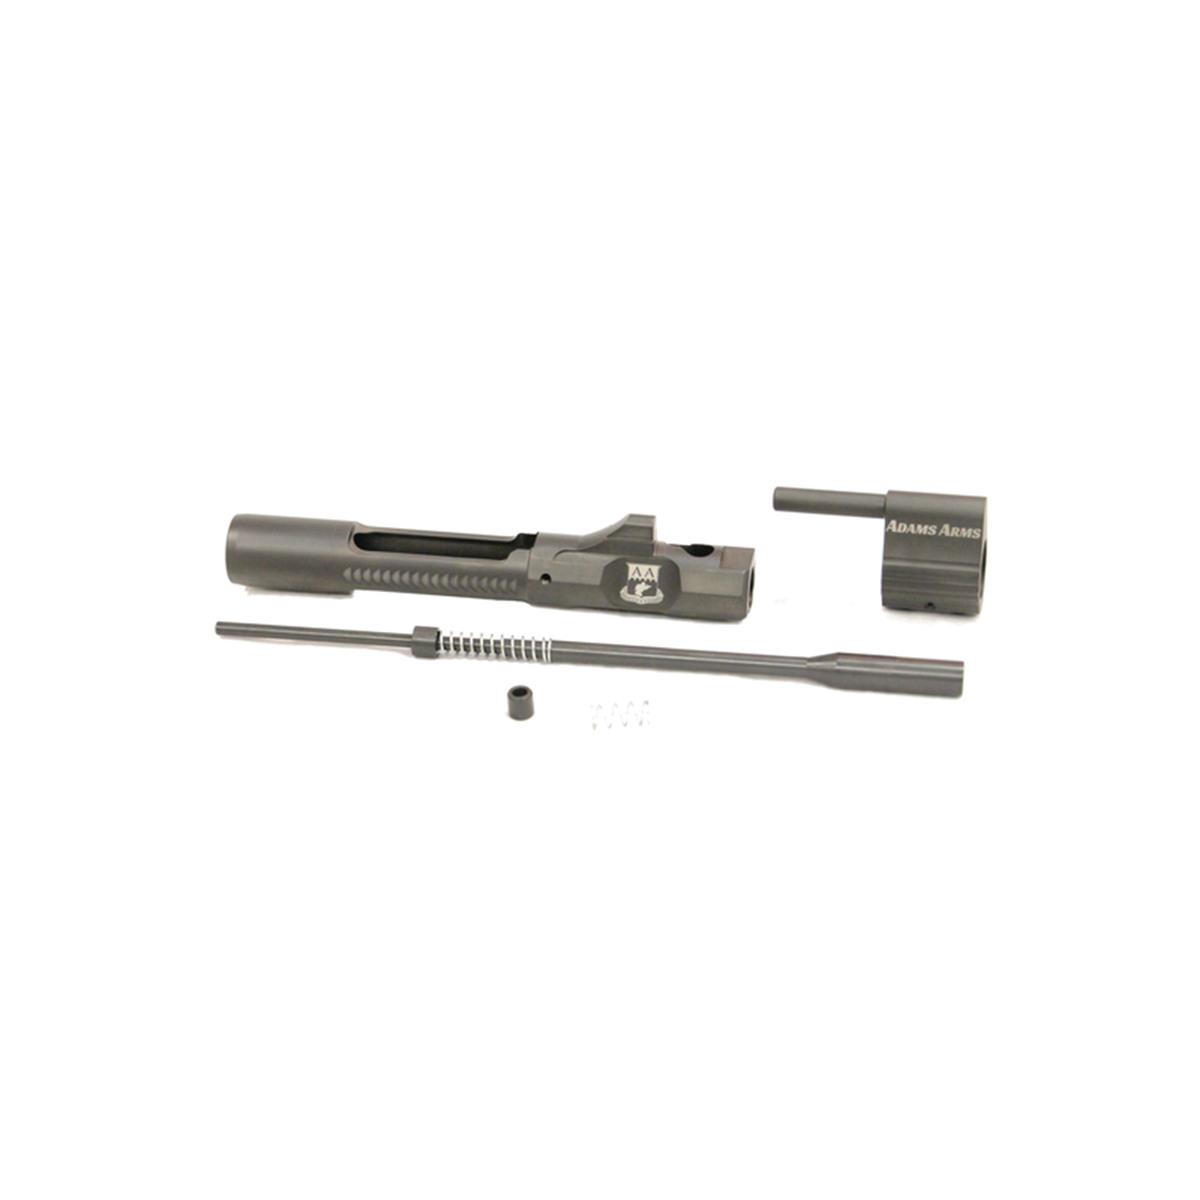 Adams Arms Ar 15 P Series Micro Block Gas Piston